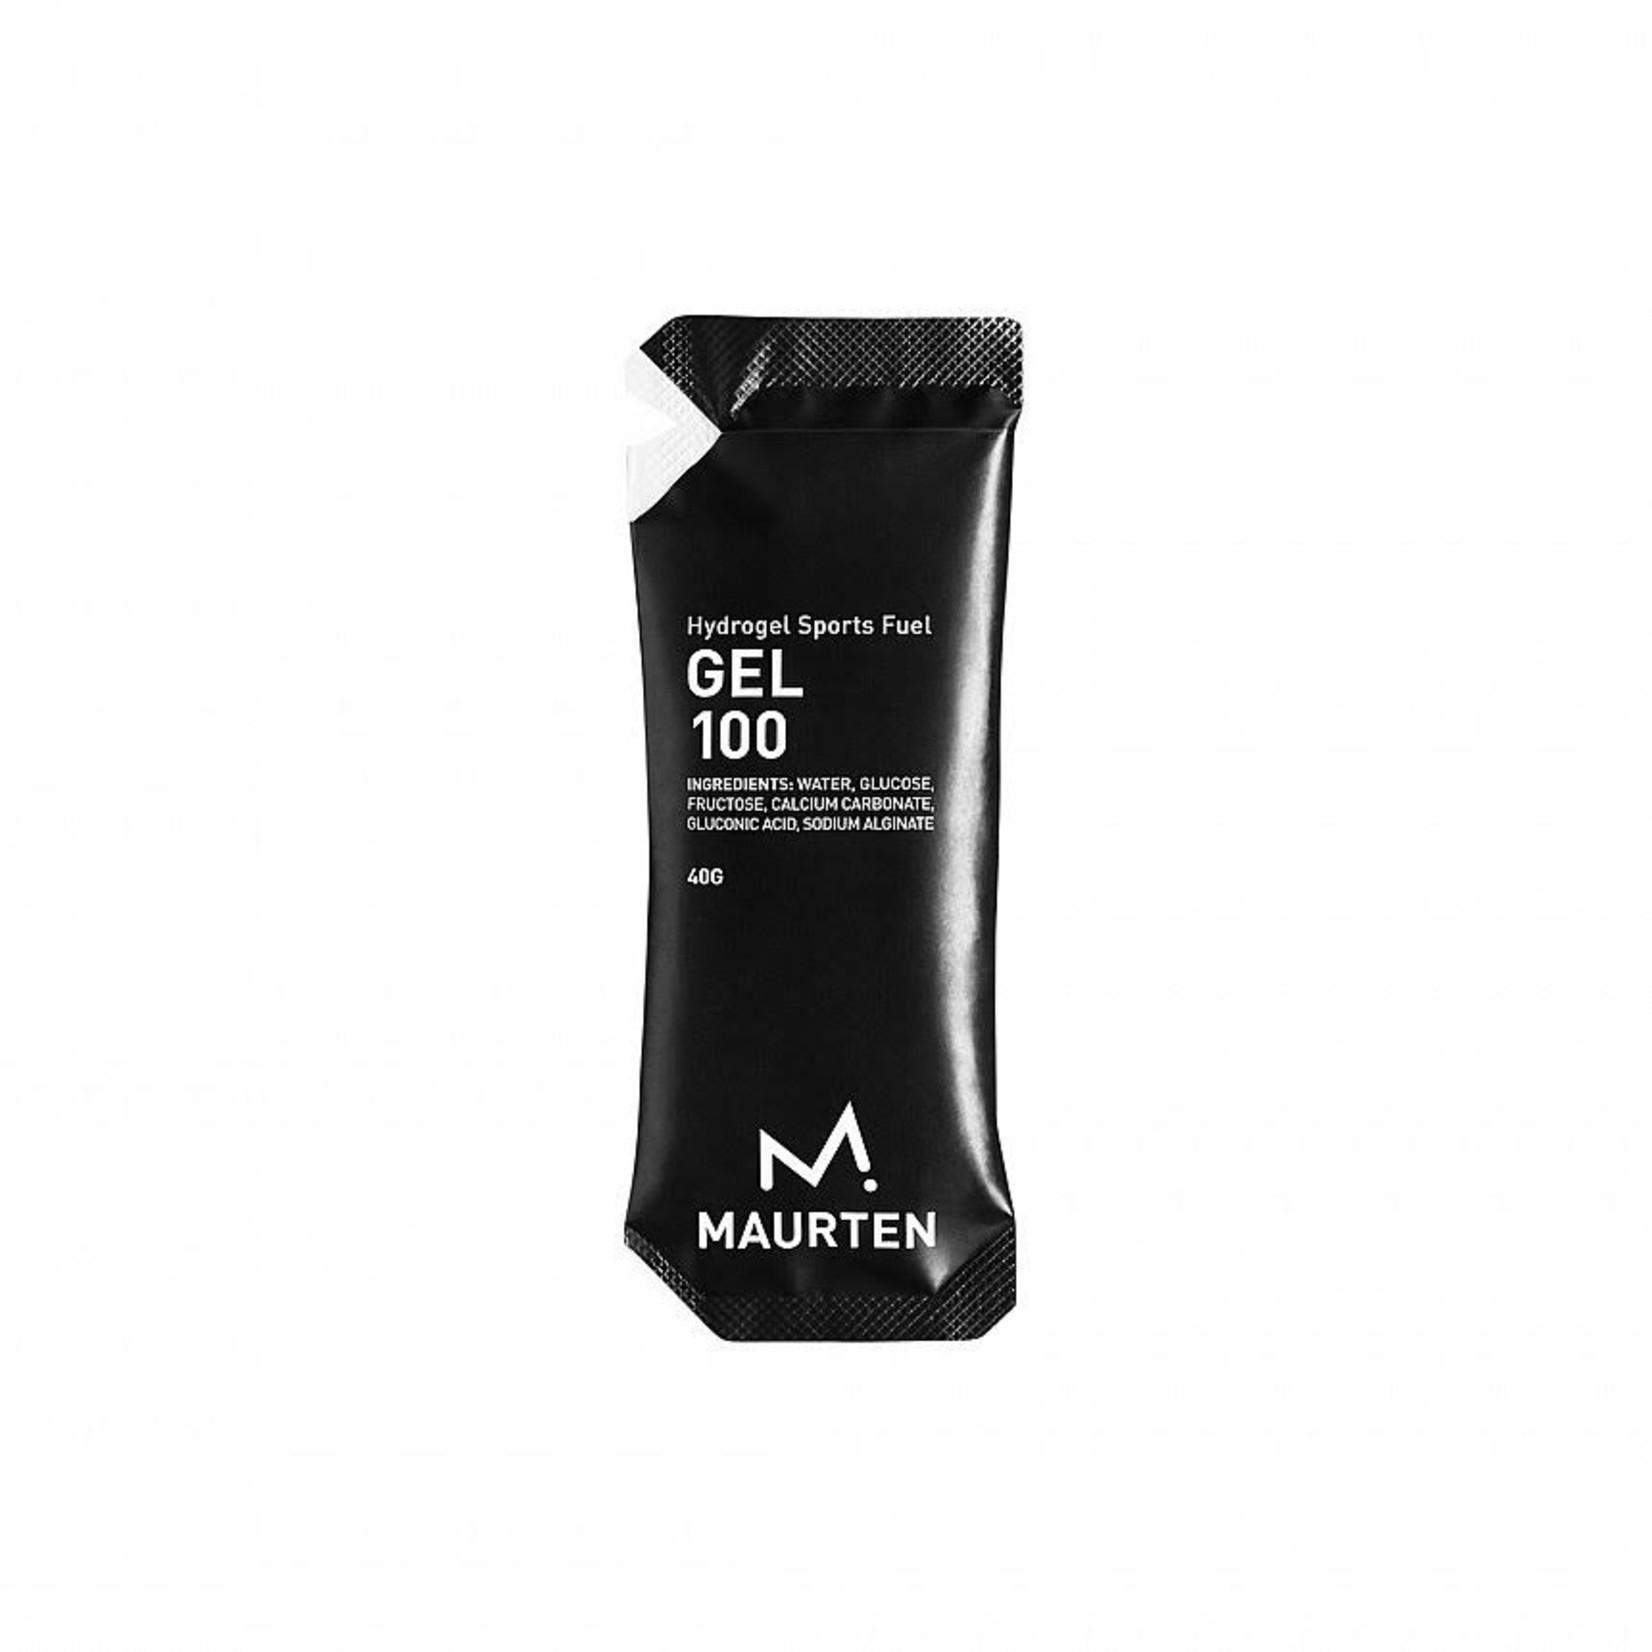 Maurten Maurten GEL 100 single